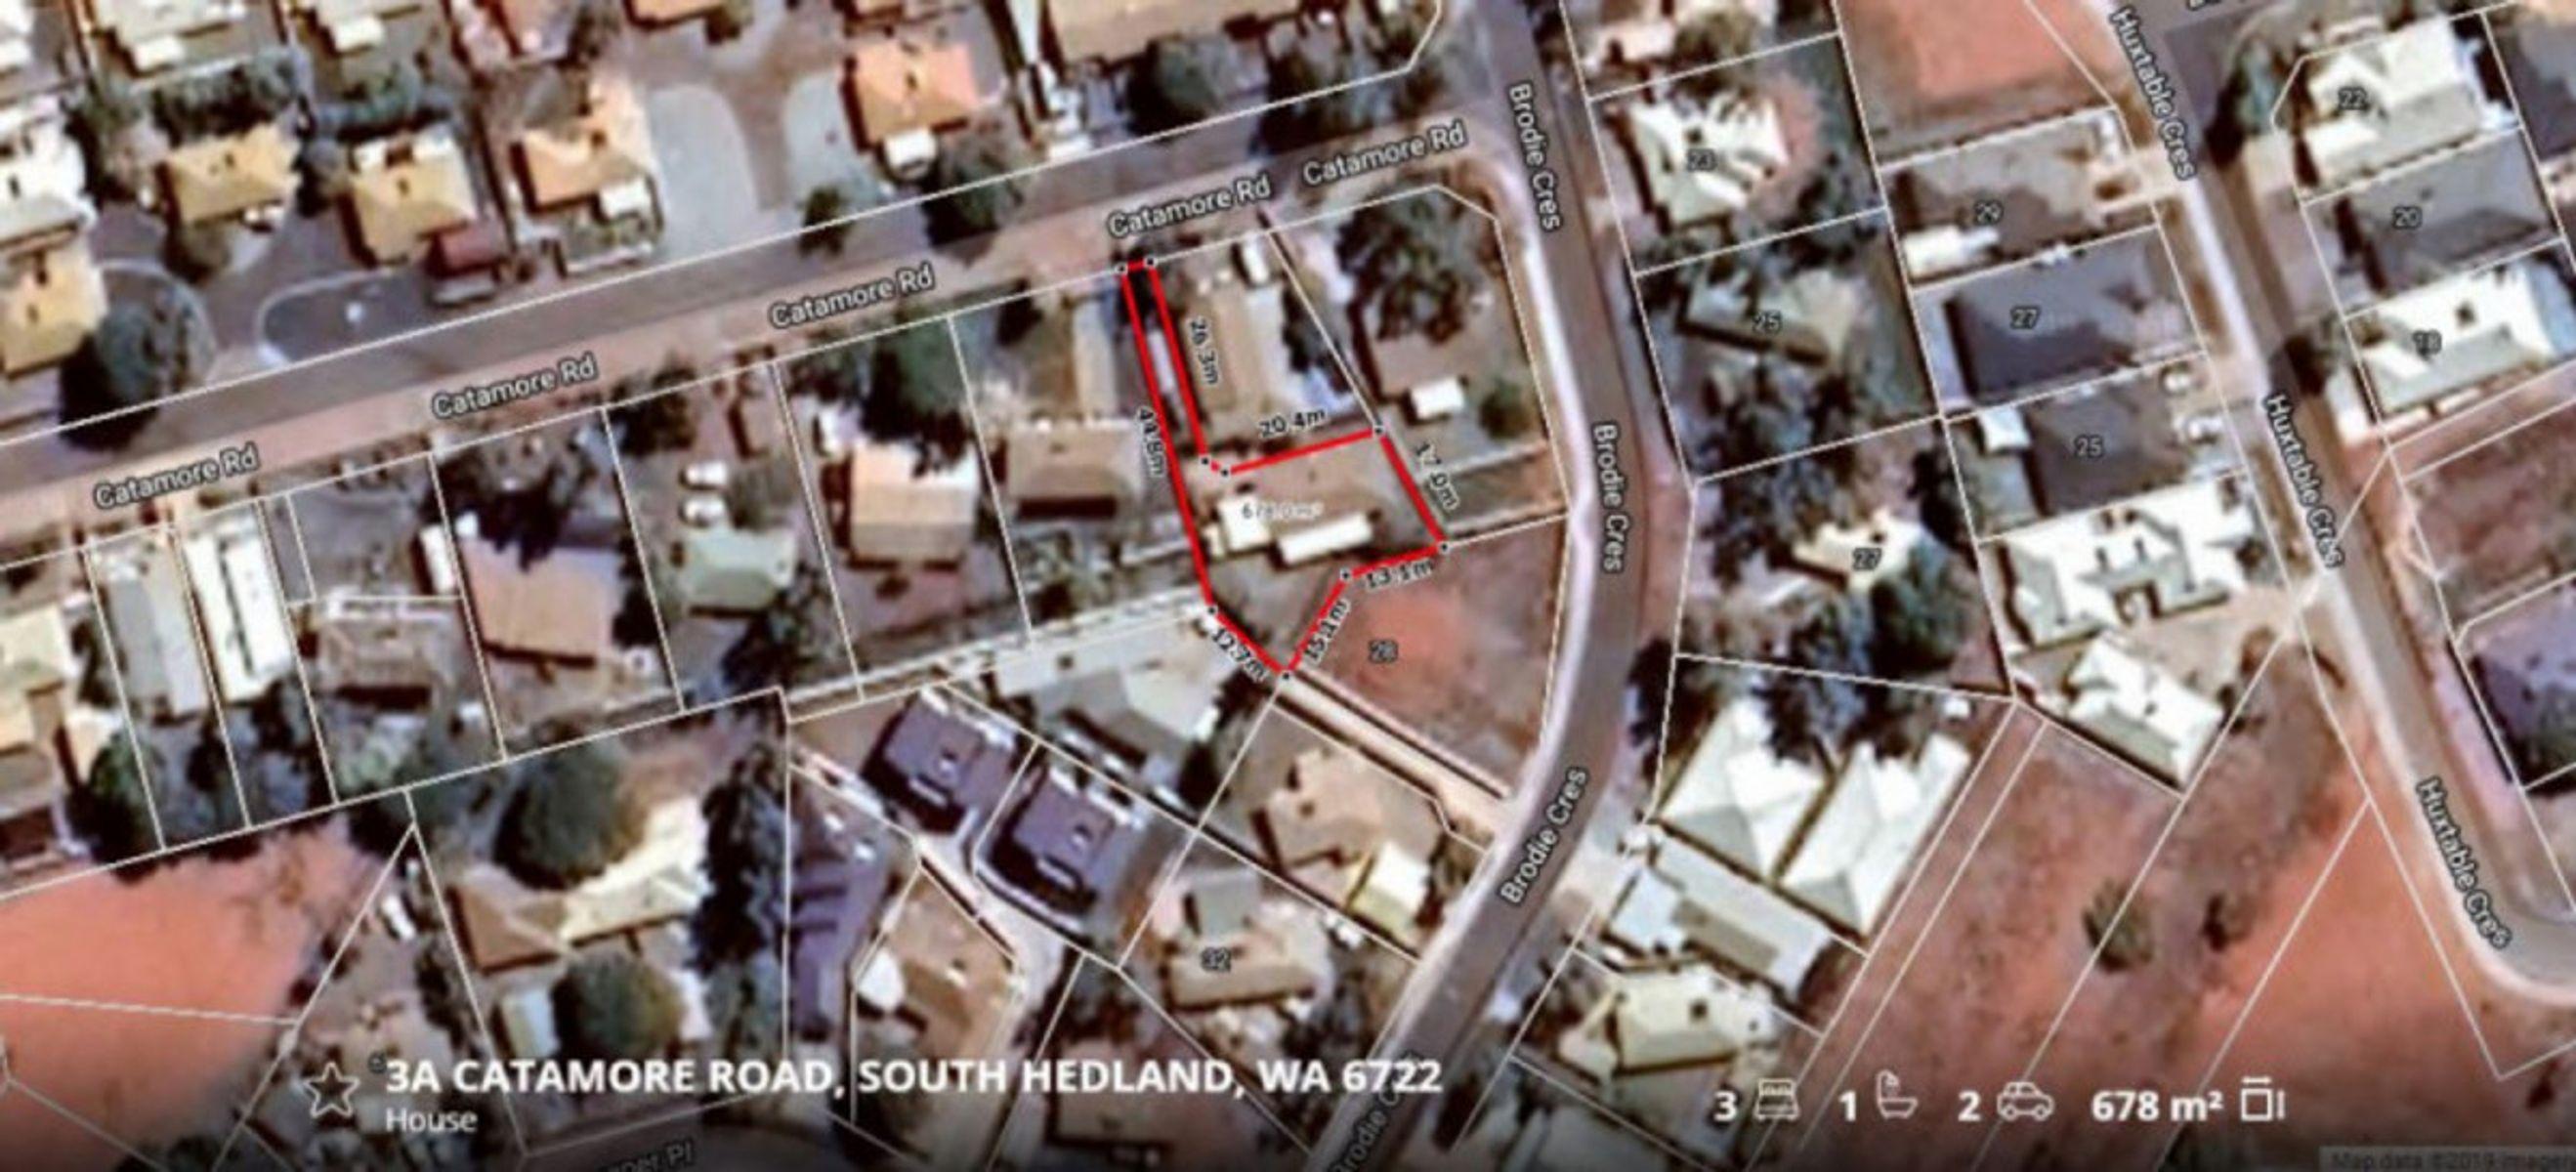 3A Catamore Court, South Hedland, WA 6722